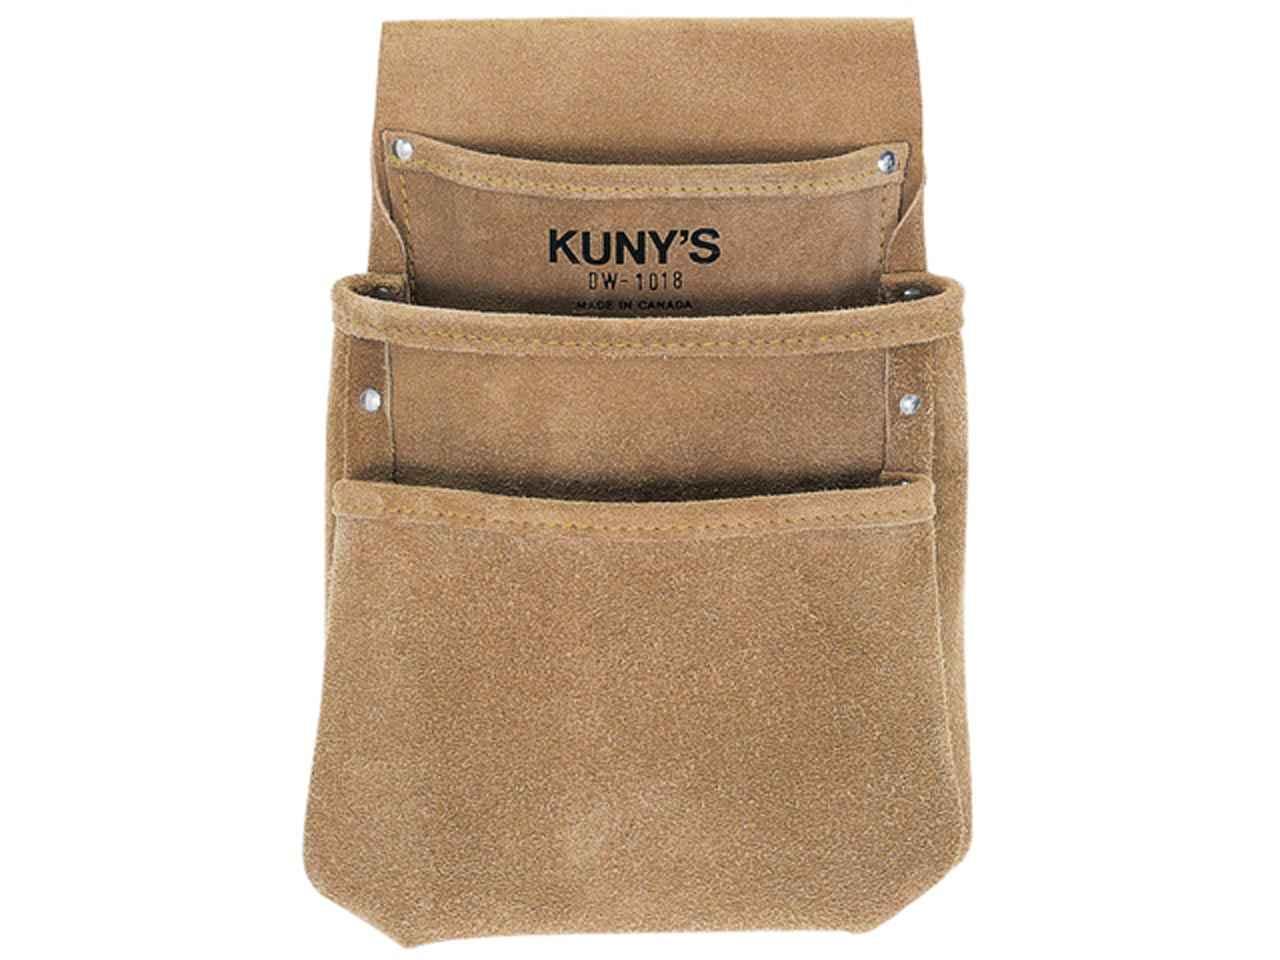 Kunys KUNSP15Y SP15Y Yellow Tape Measure Braces 2in Wide